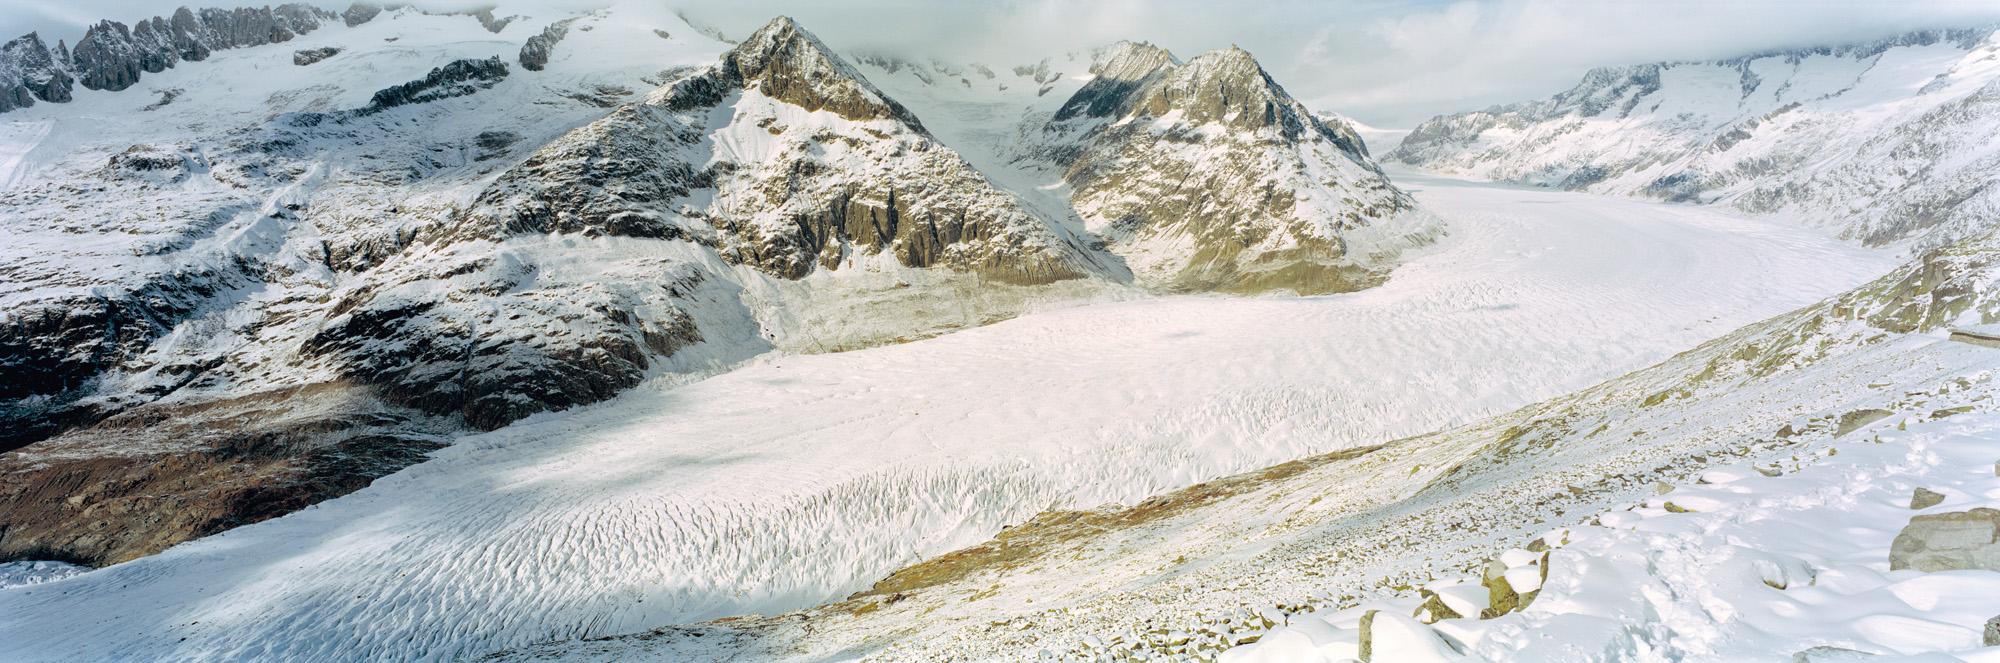 Alpenpässe, Alpen, Schweiz, Italien, Österreich, Deutschland, Natur, Landschaften, Pässe, Straßen, Steine, Berge, Wiesen, Grün, Gras, Bergluft, Blau, Himmel, Aletsch, Aletschgletscher, Gletscher, Eis, Schnee